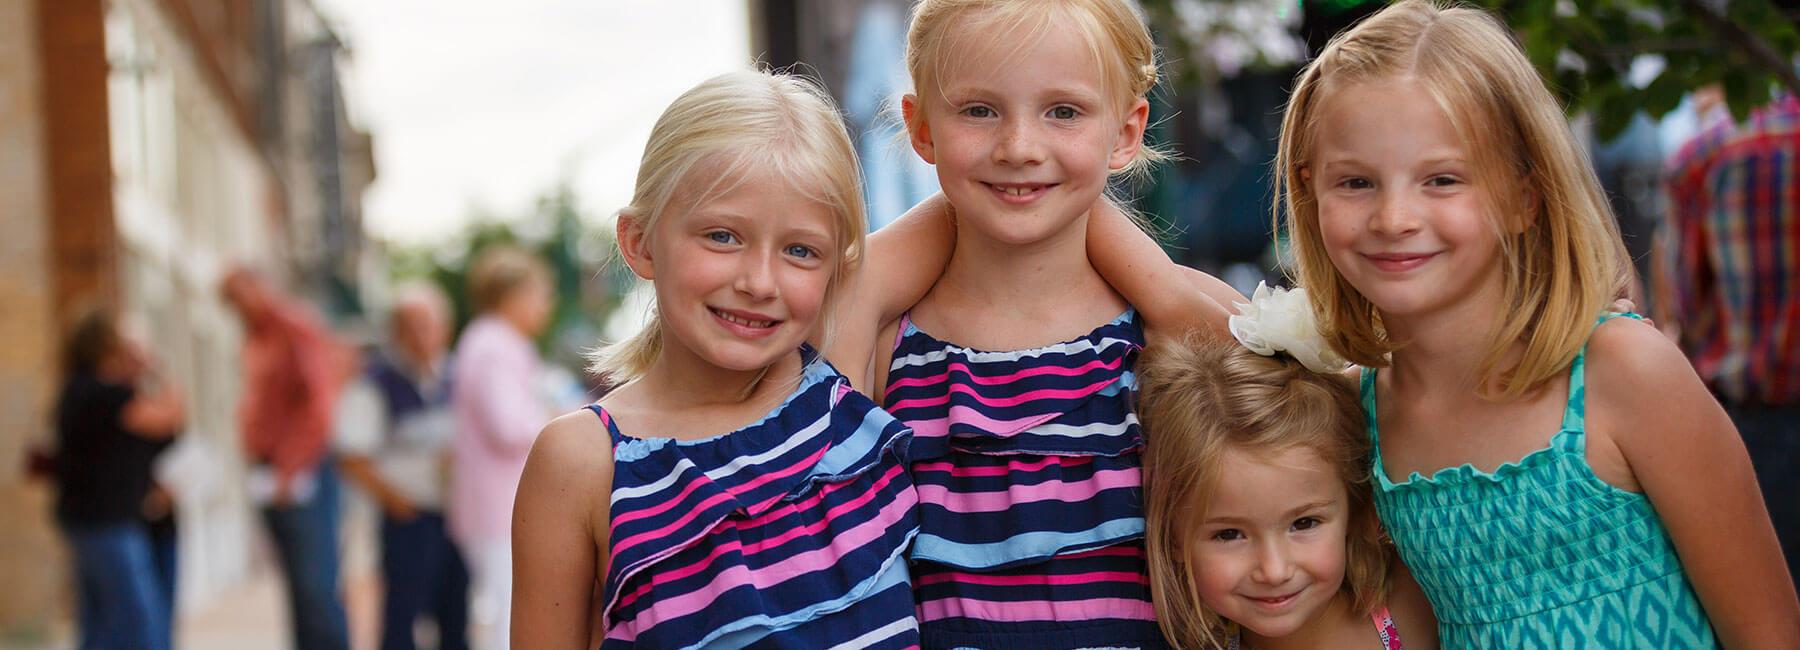 Elkhart Jazz Festival Girls